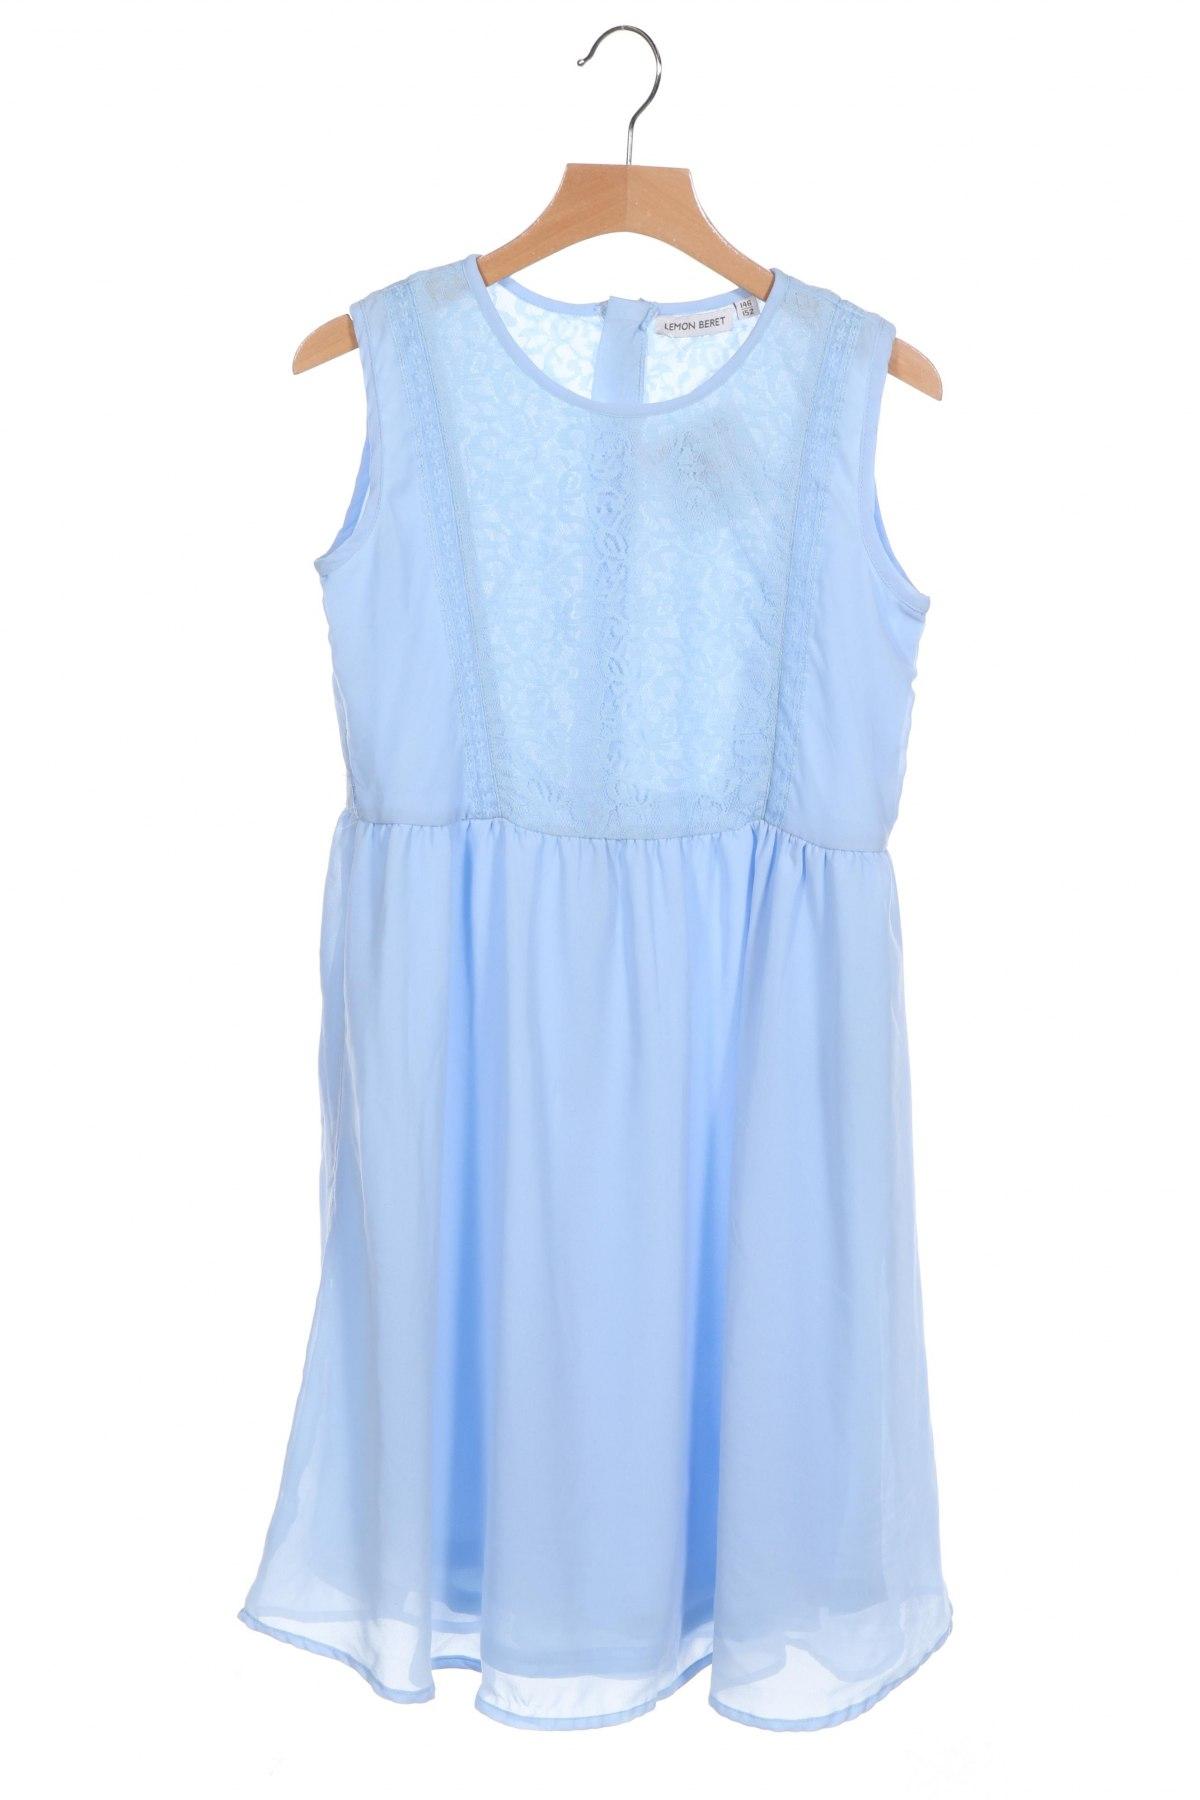 Παιδικό φόρεμα Lemon Beret, Μέγεθος 10-11y/ 146-152 εκ., Χρώμα Μπλέ, Πολυεστέρας, Τιμή 12,41€